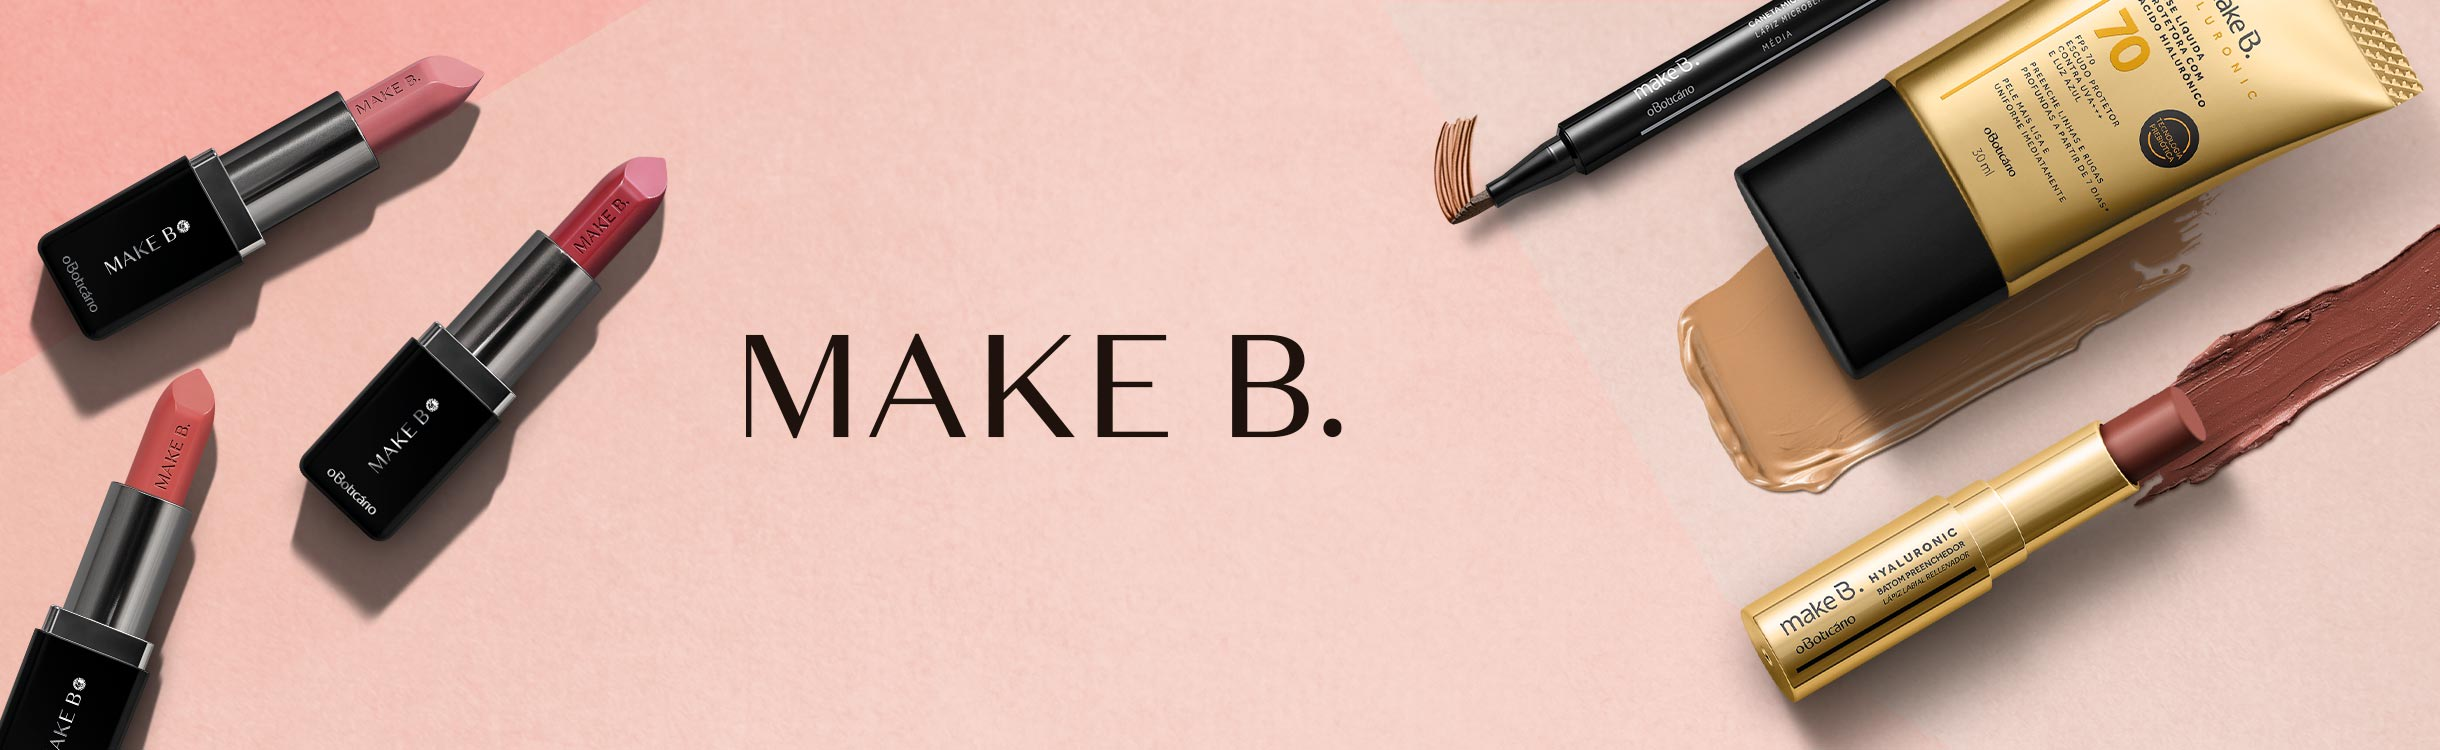 Make B. com até 20% de desconto você encontra aqui!